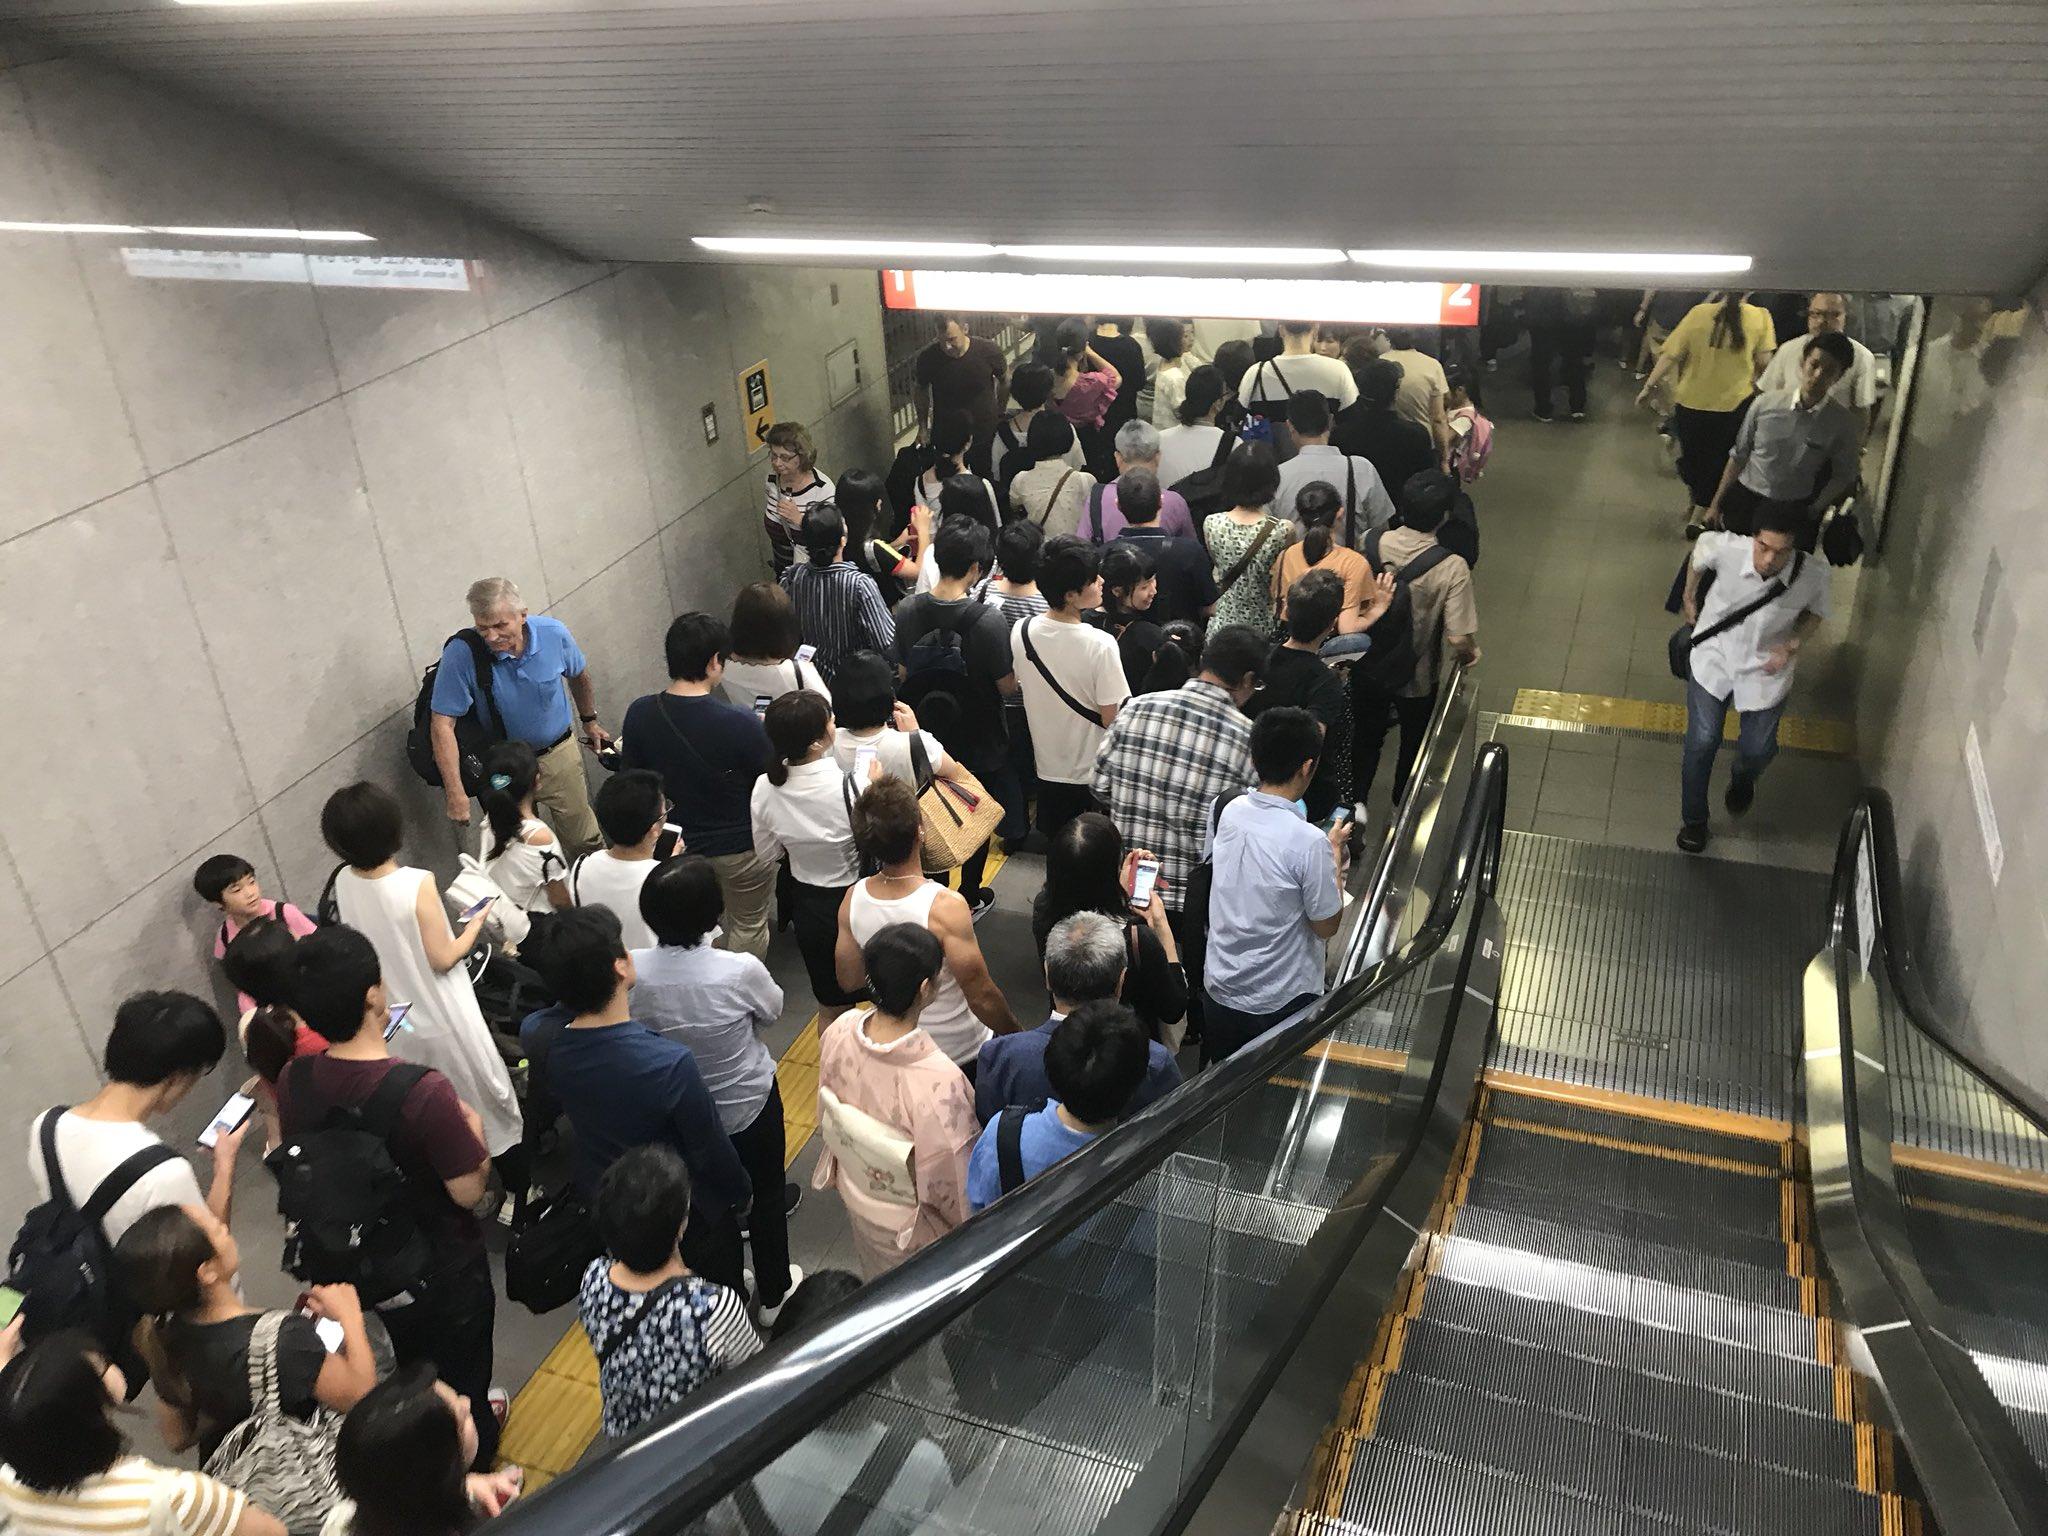 画像,御堂筋線止まってるお陰で淀屋橋から難波まで歩くことにしました。京阪も遅延してるし土日ヤベェなこれ.#京阪  #御堂筋線 https://t.co/yjuhE3U…